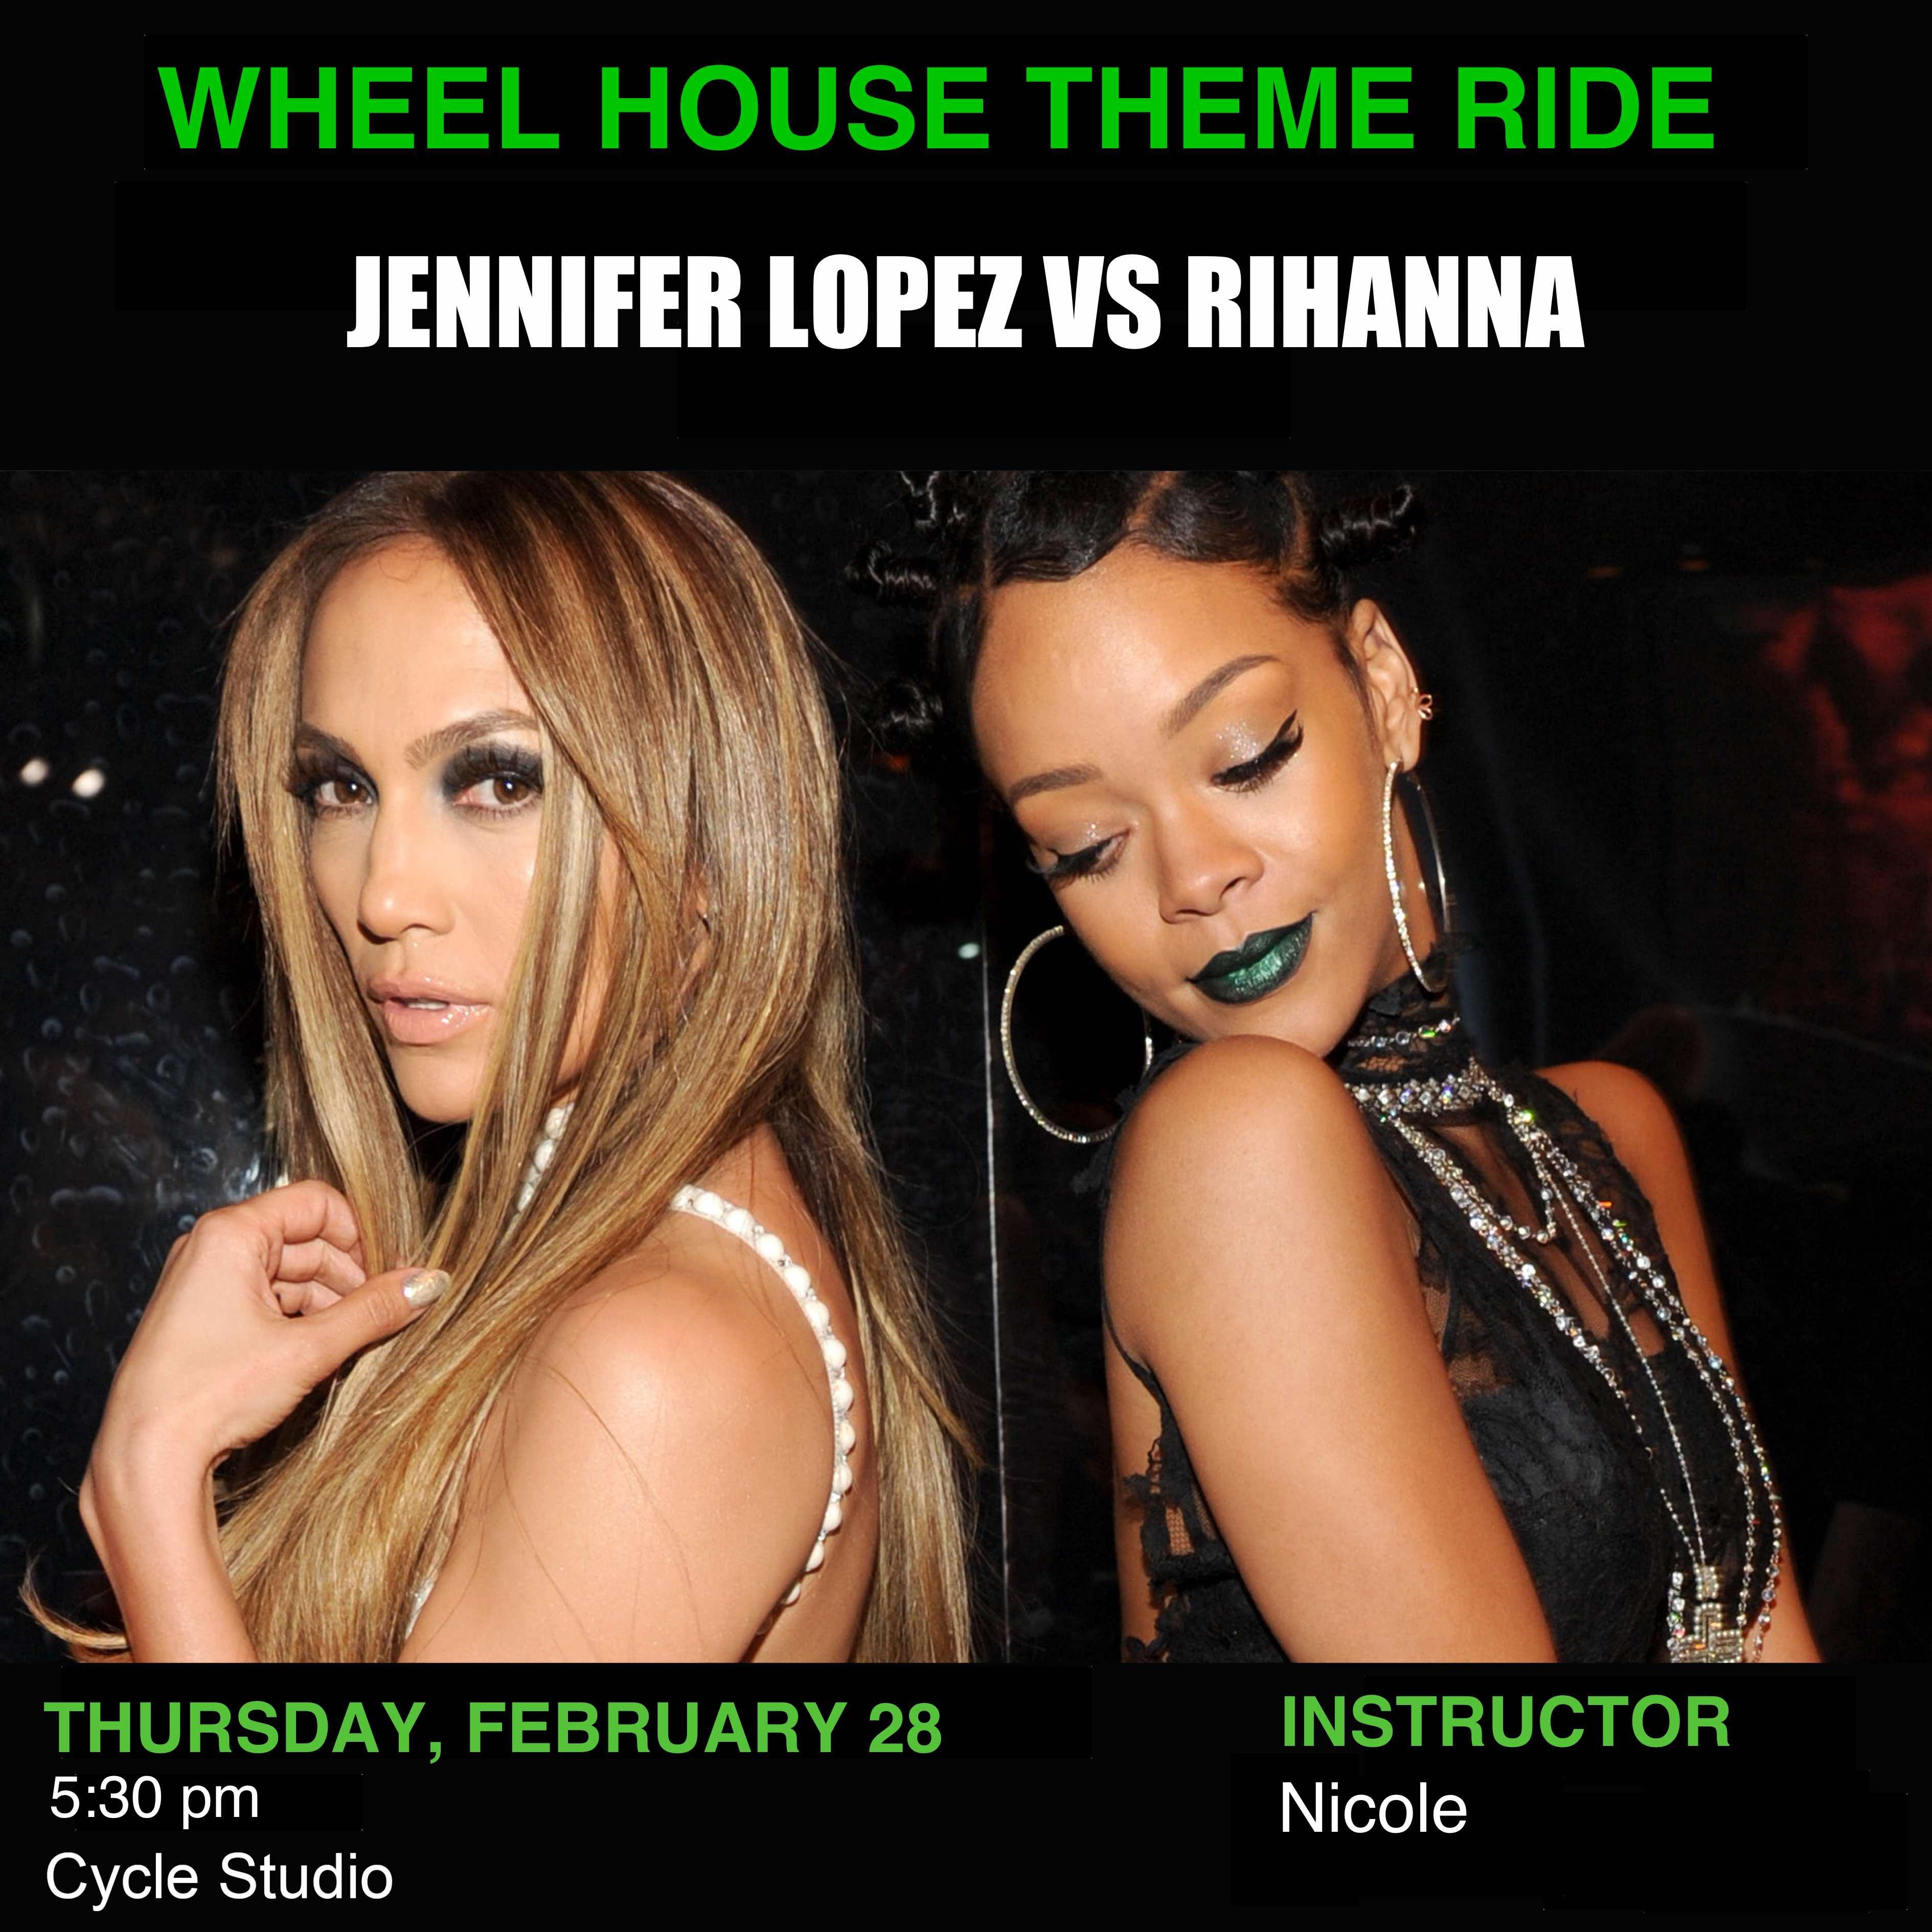 Jennifer Lopez Vs Rihanna